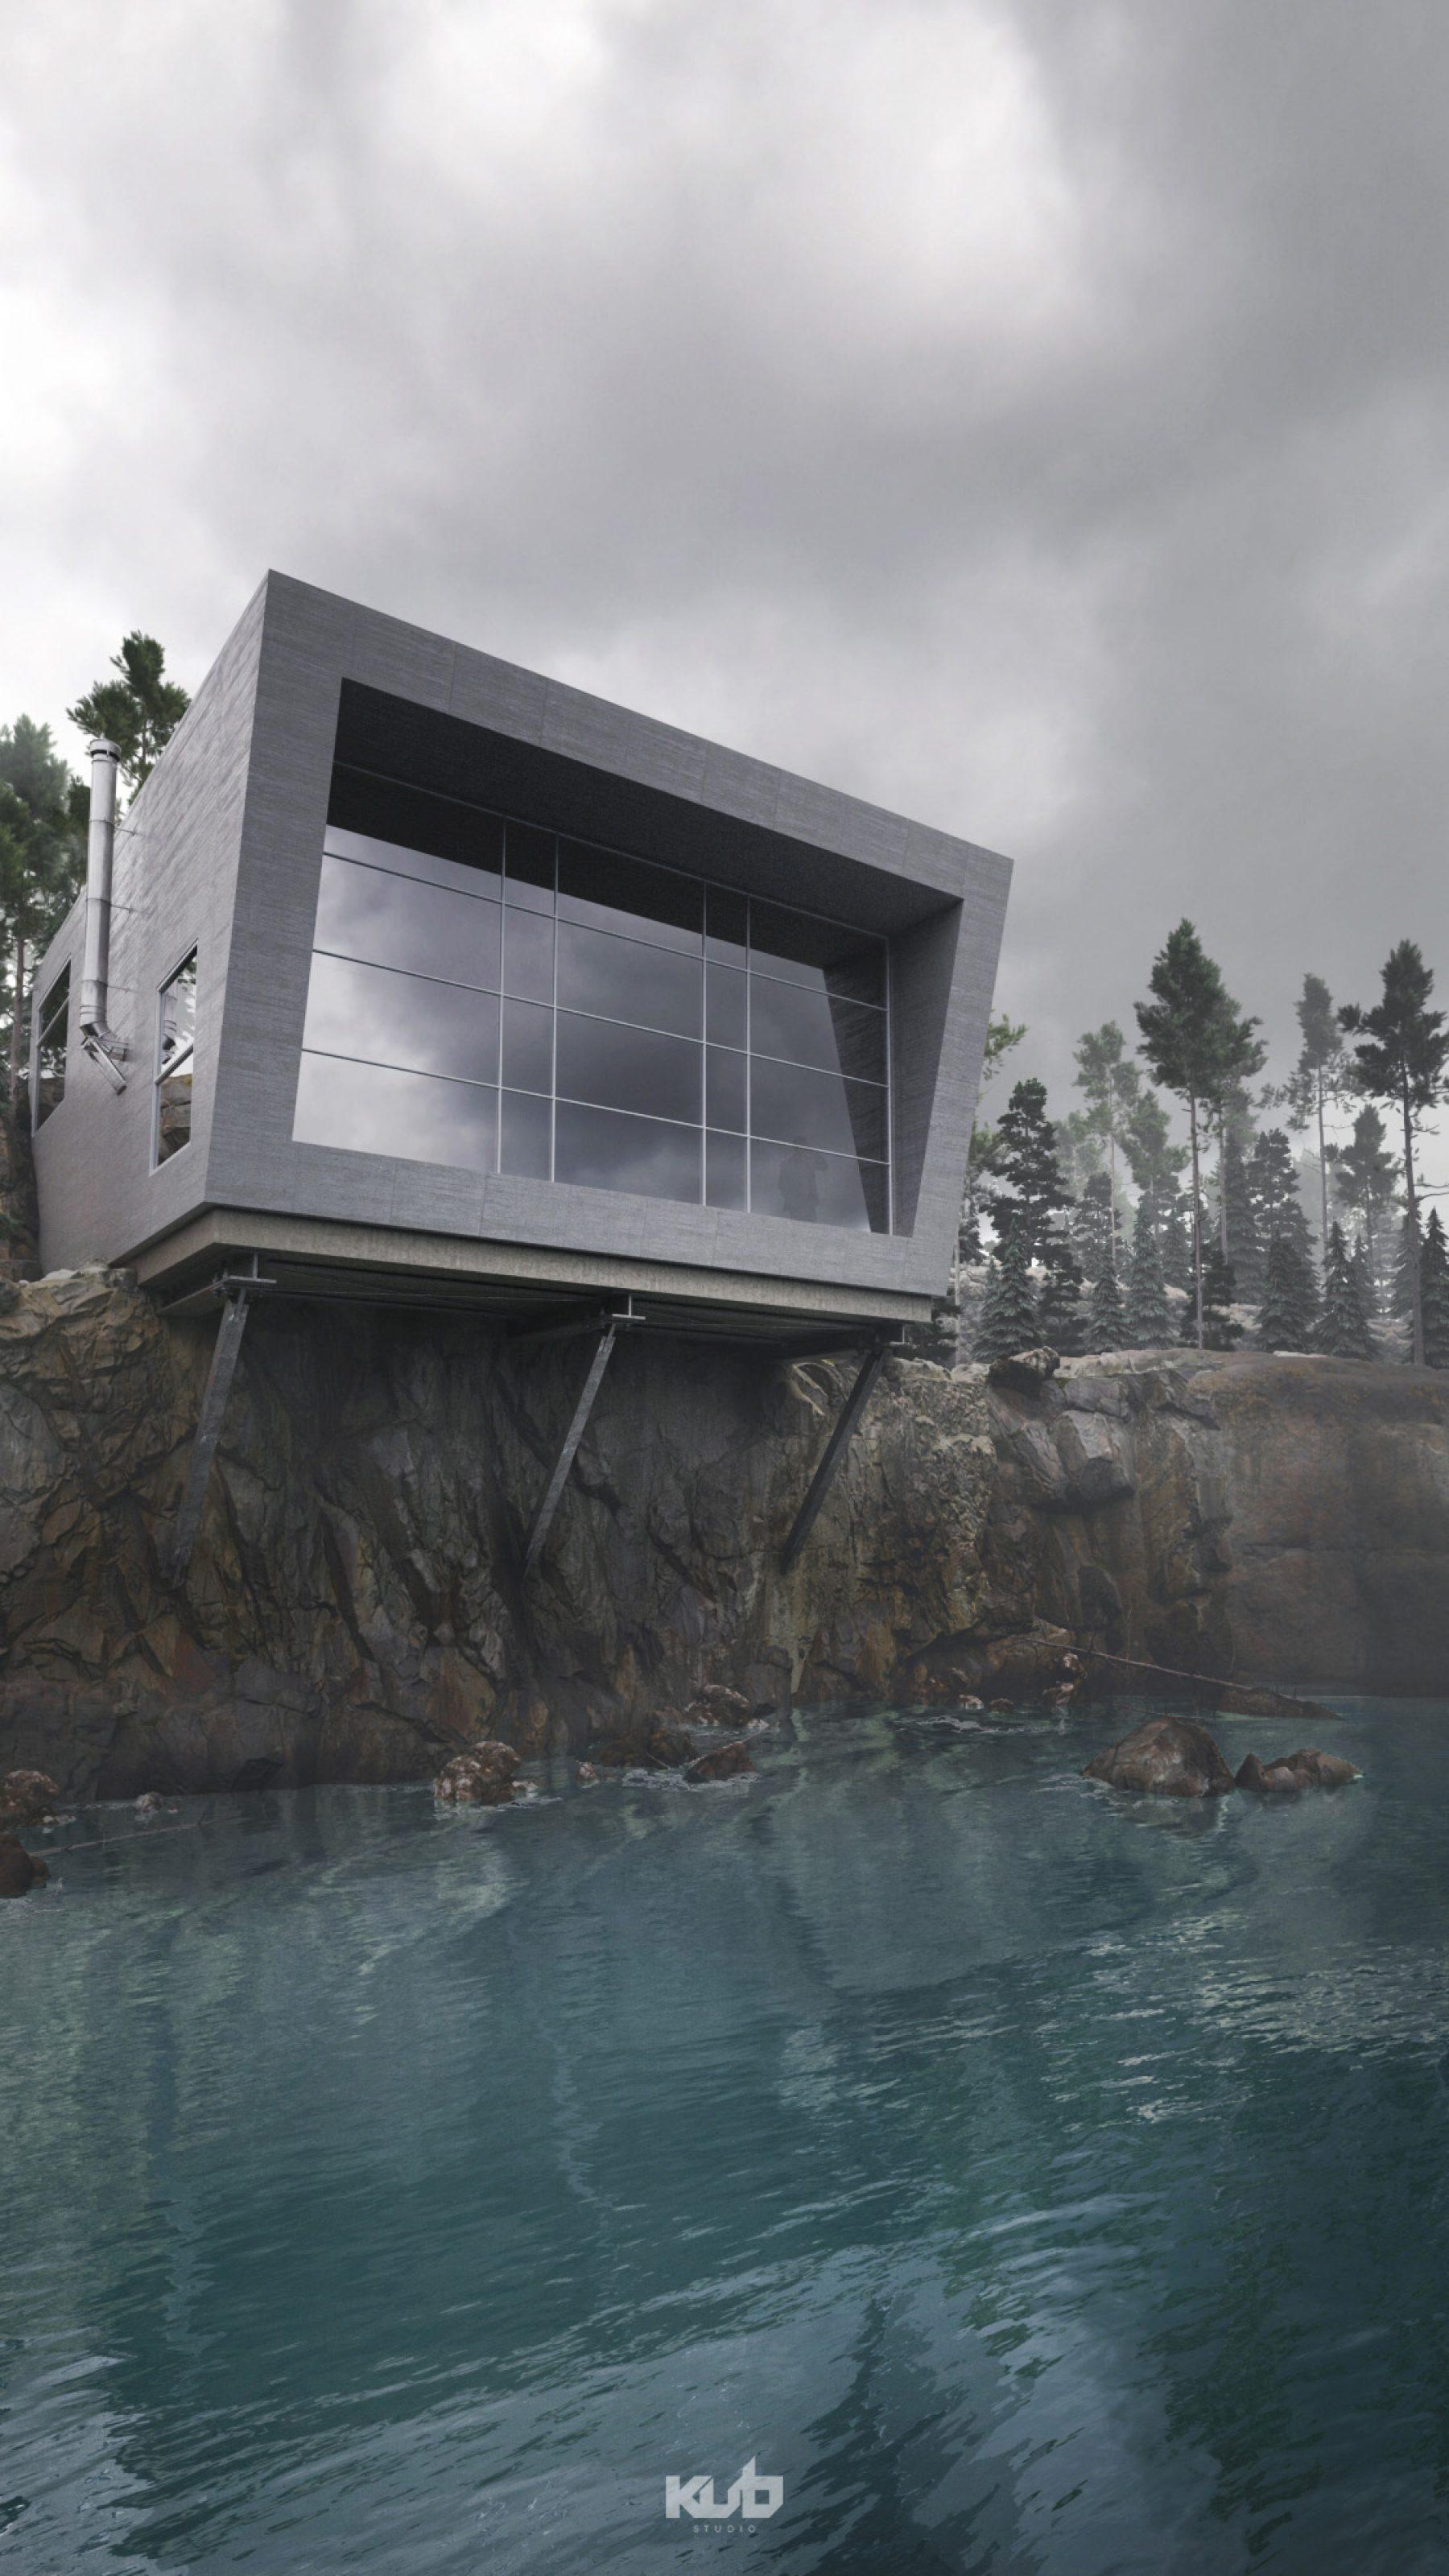 projet 3D montagne riviere architecture photorealiste